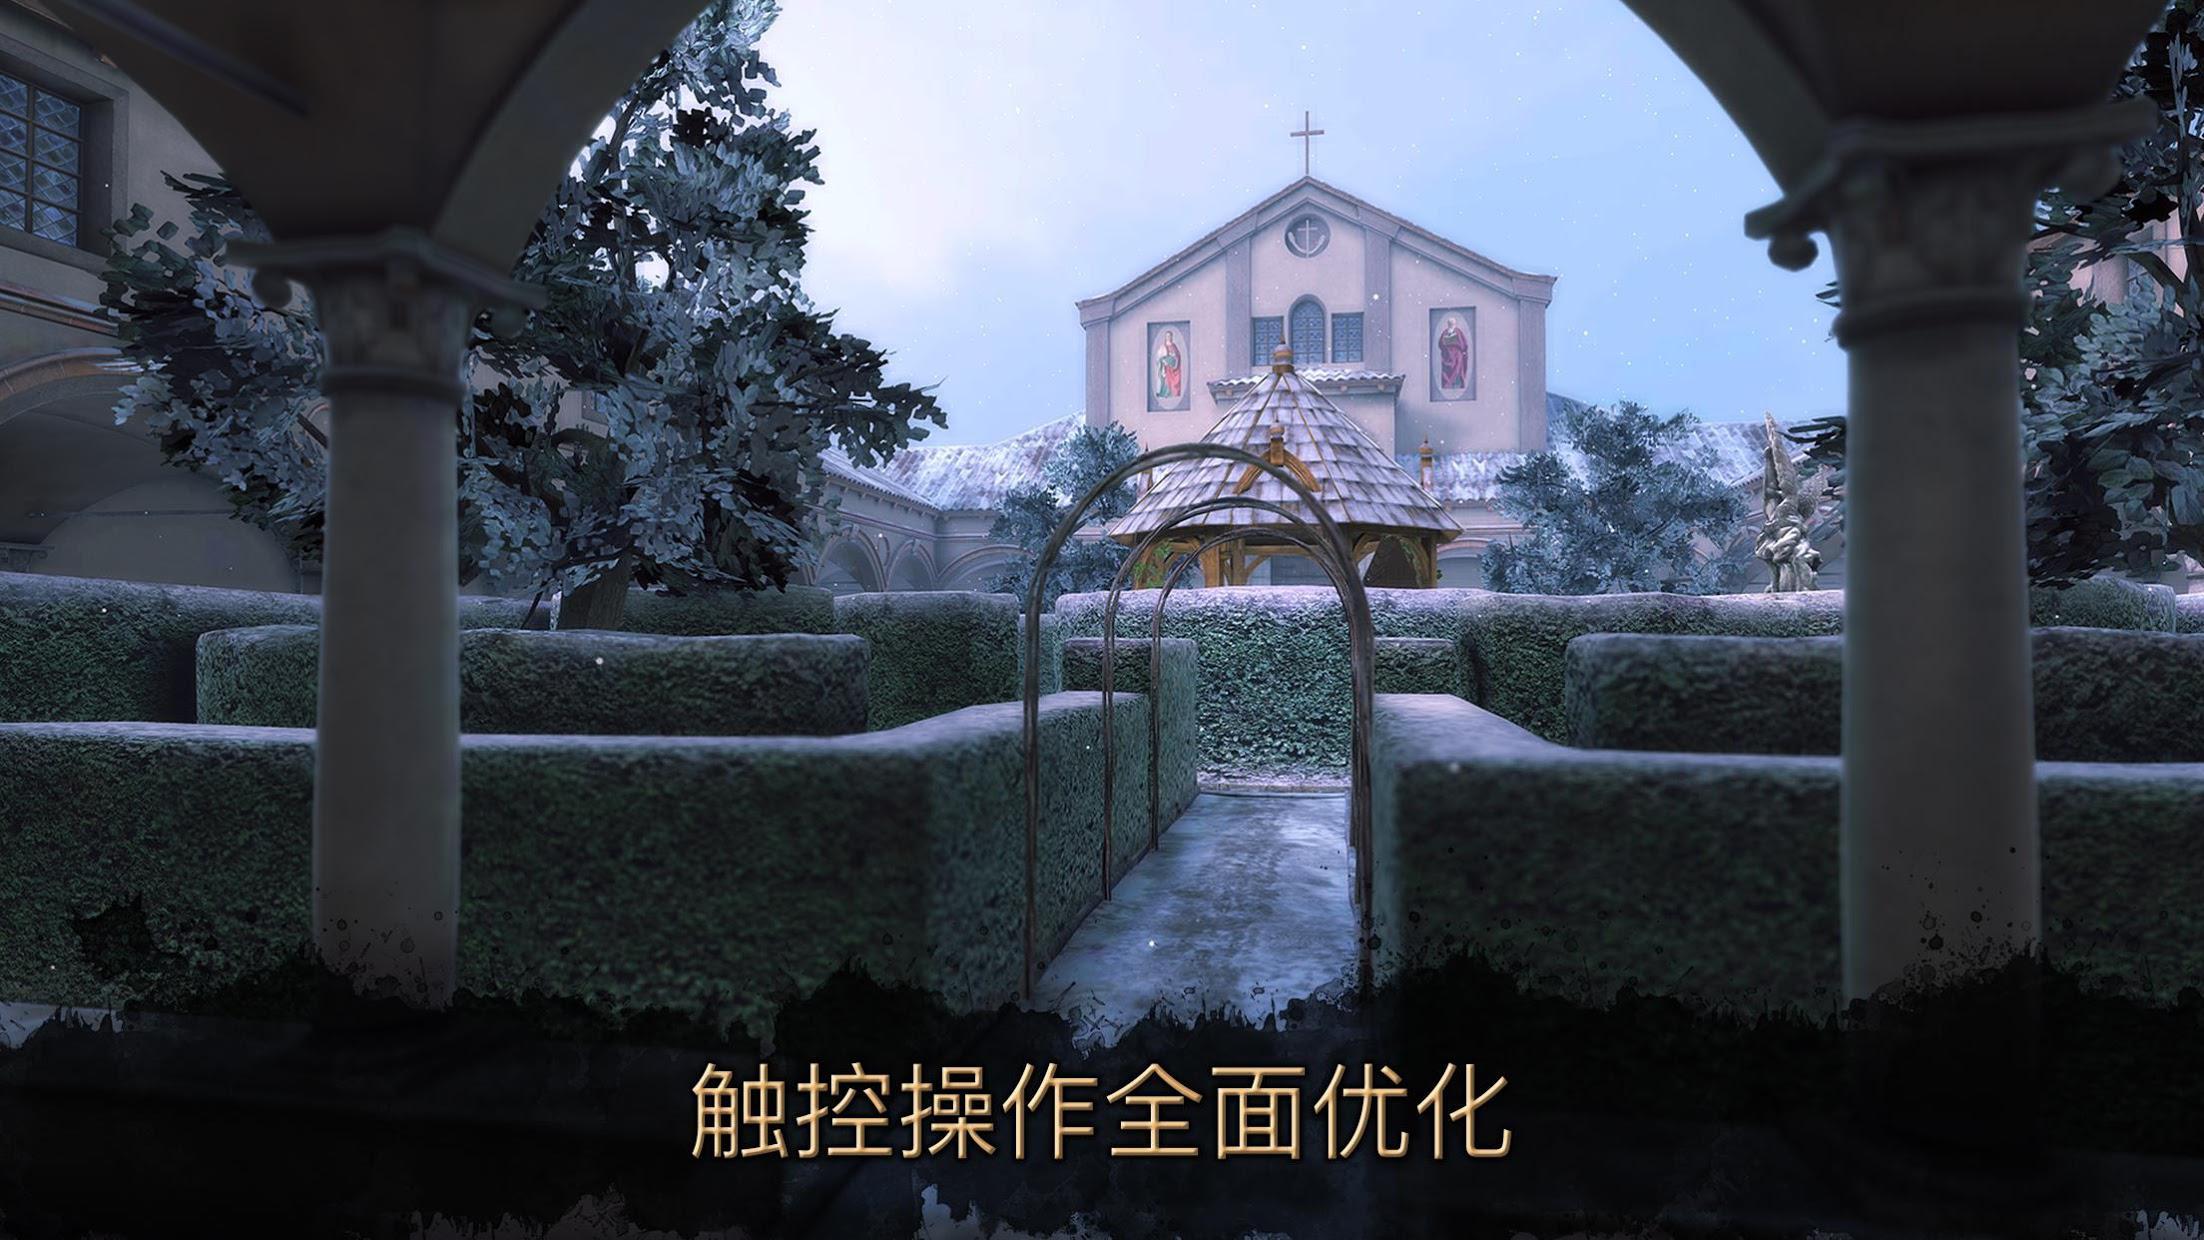 达芬奇密室2(海外版) 游戏截图5